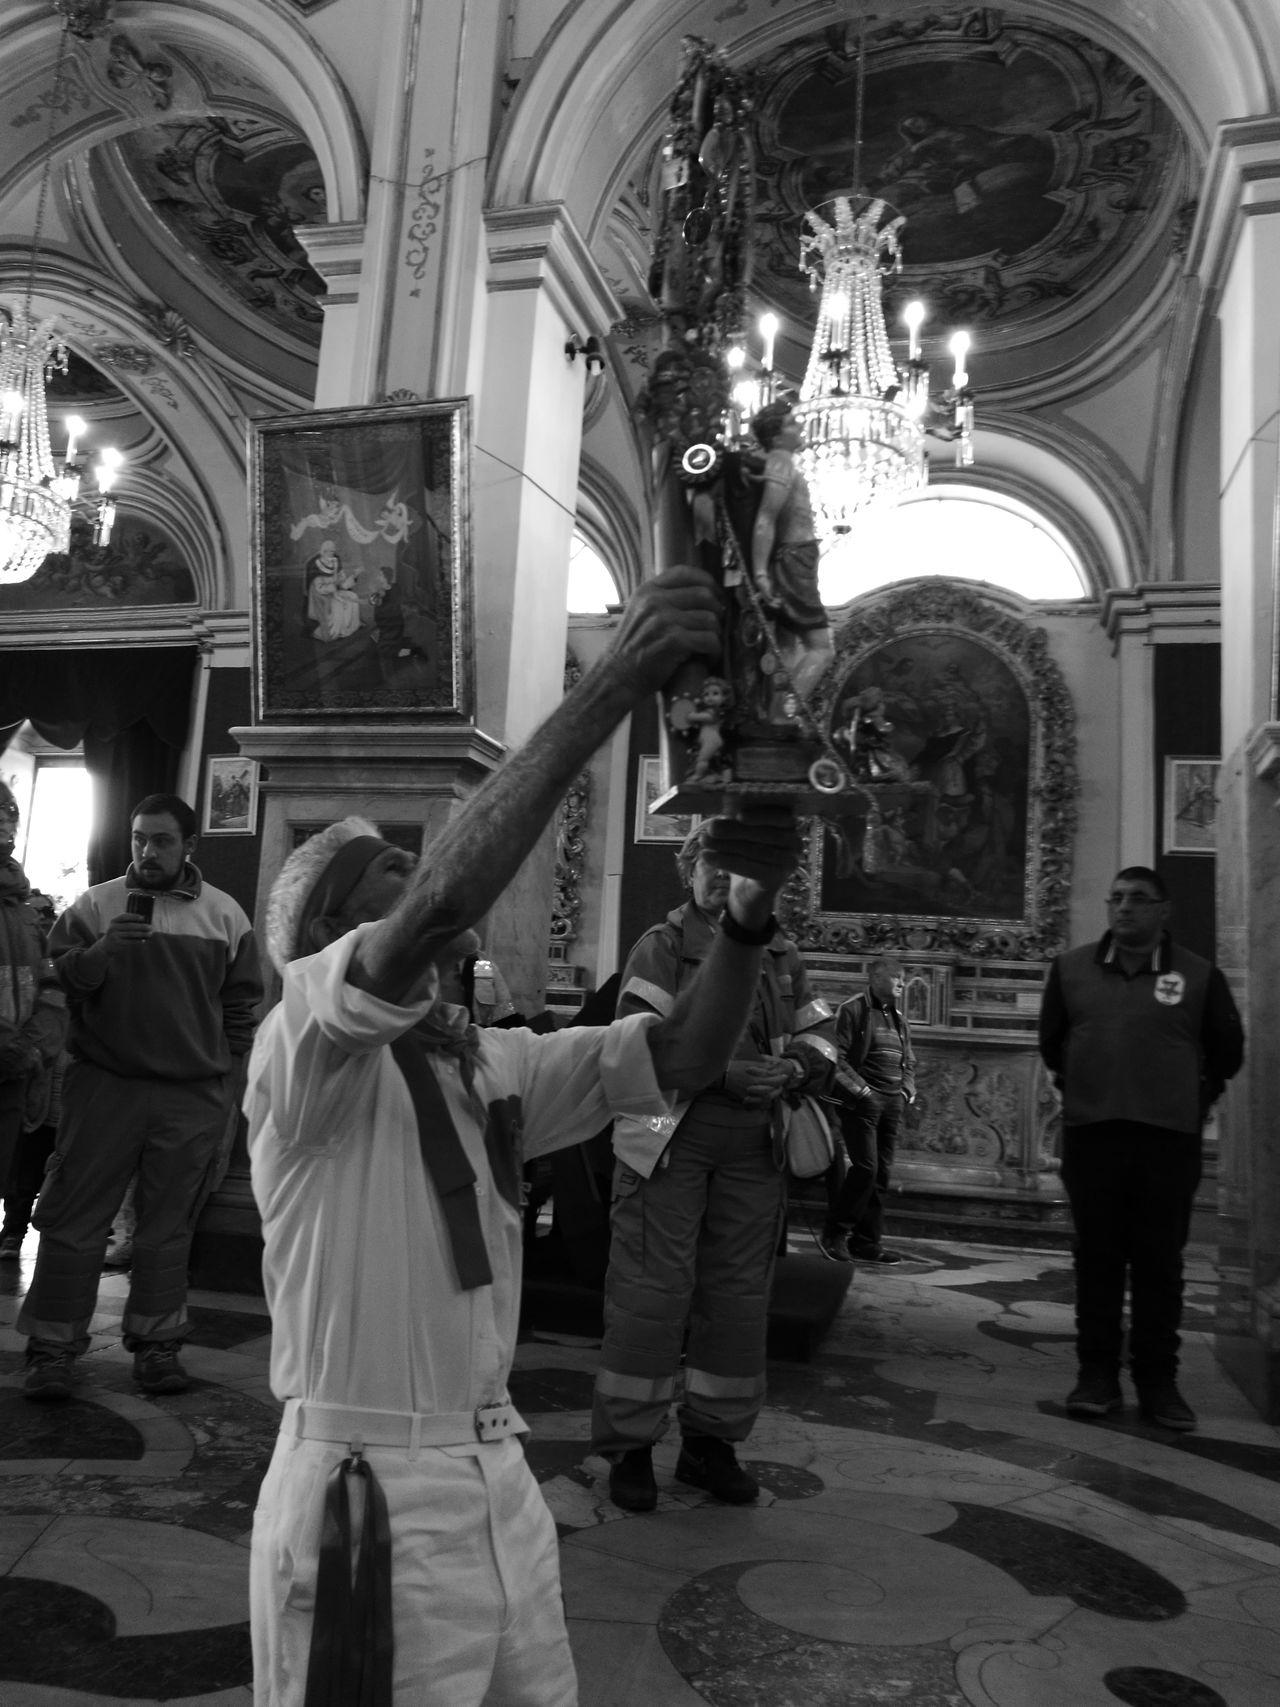 Devoto. Clero Siracusa Sicily Melilli Chiesa Priolo Gargallo Floridia  San Sebastiano Siracusa Fiore Barocco Sicily